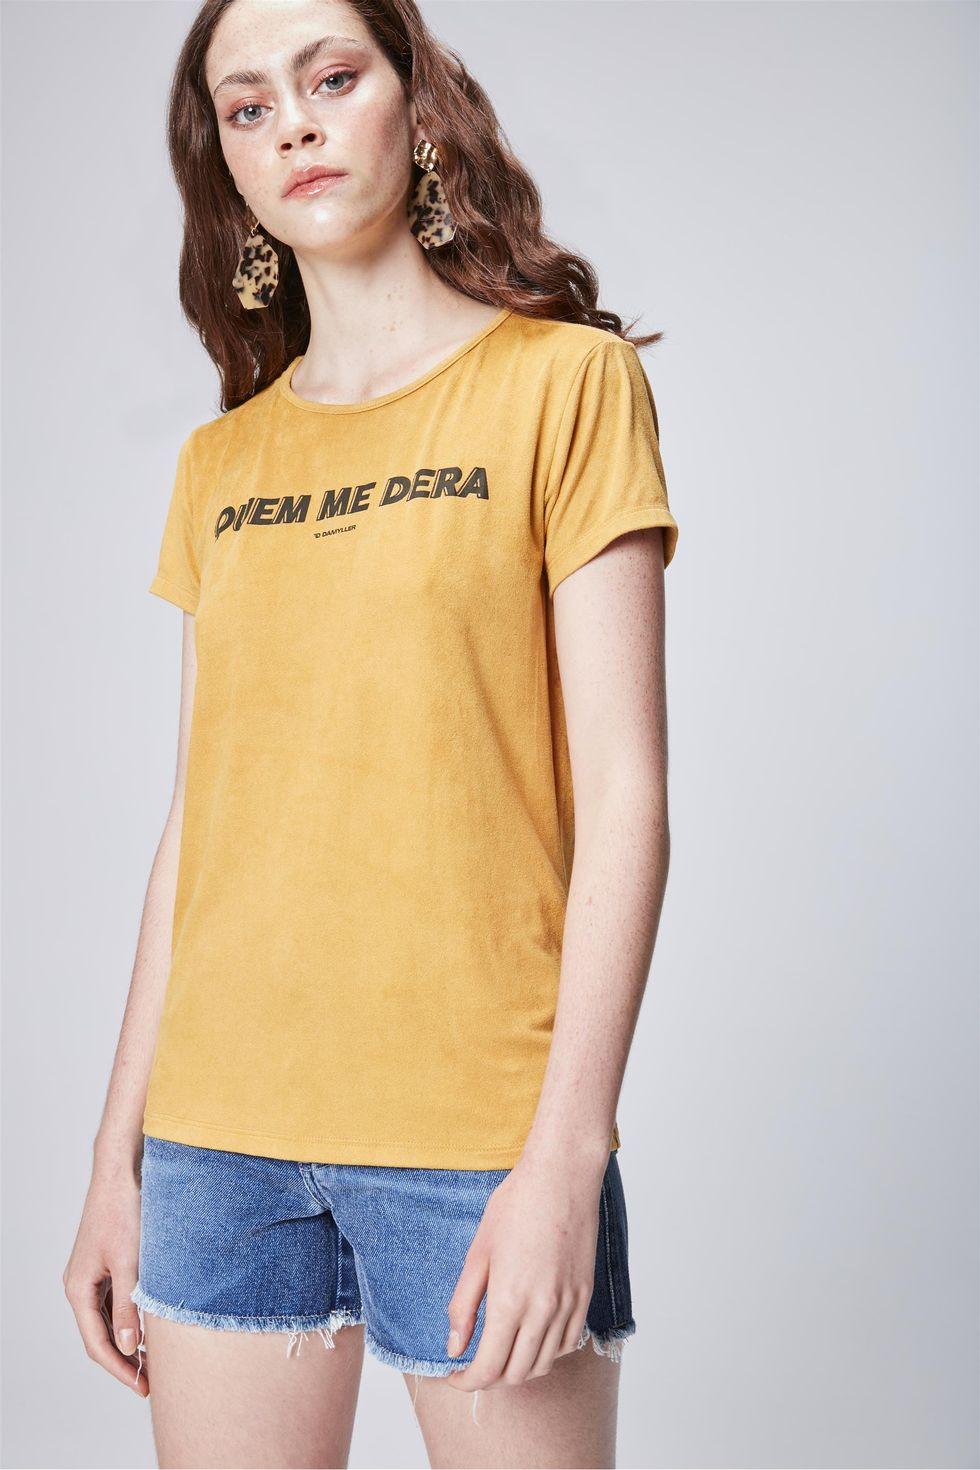 Camiseta-Estampada-de-Suede-Feminina-Frente--